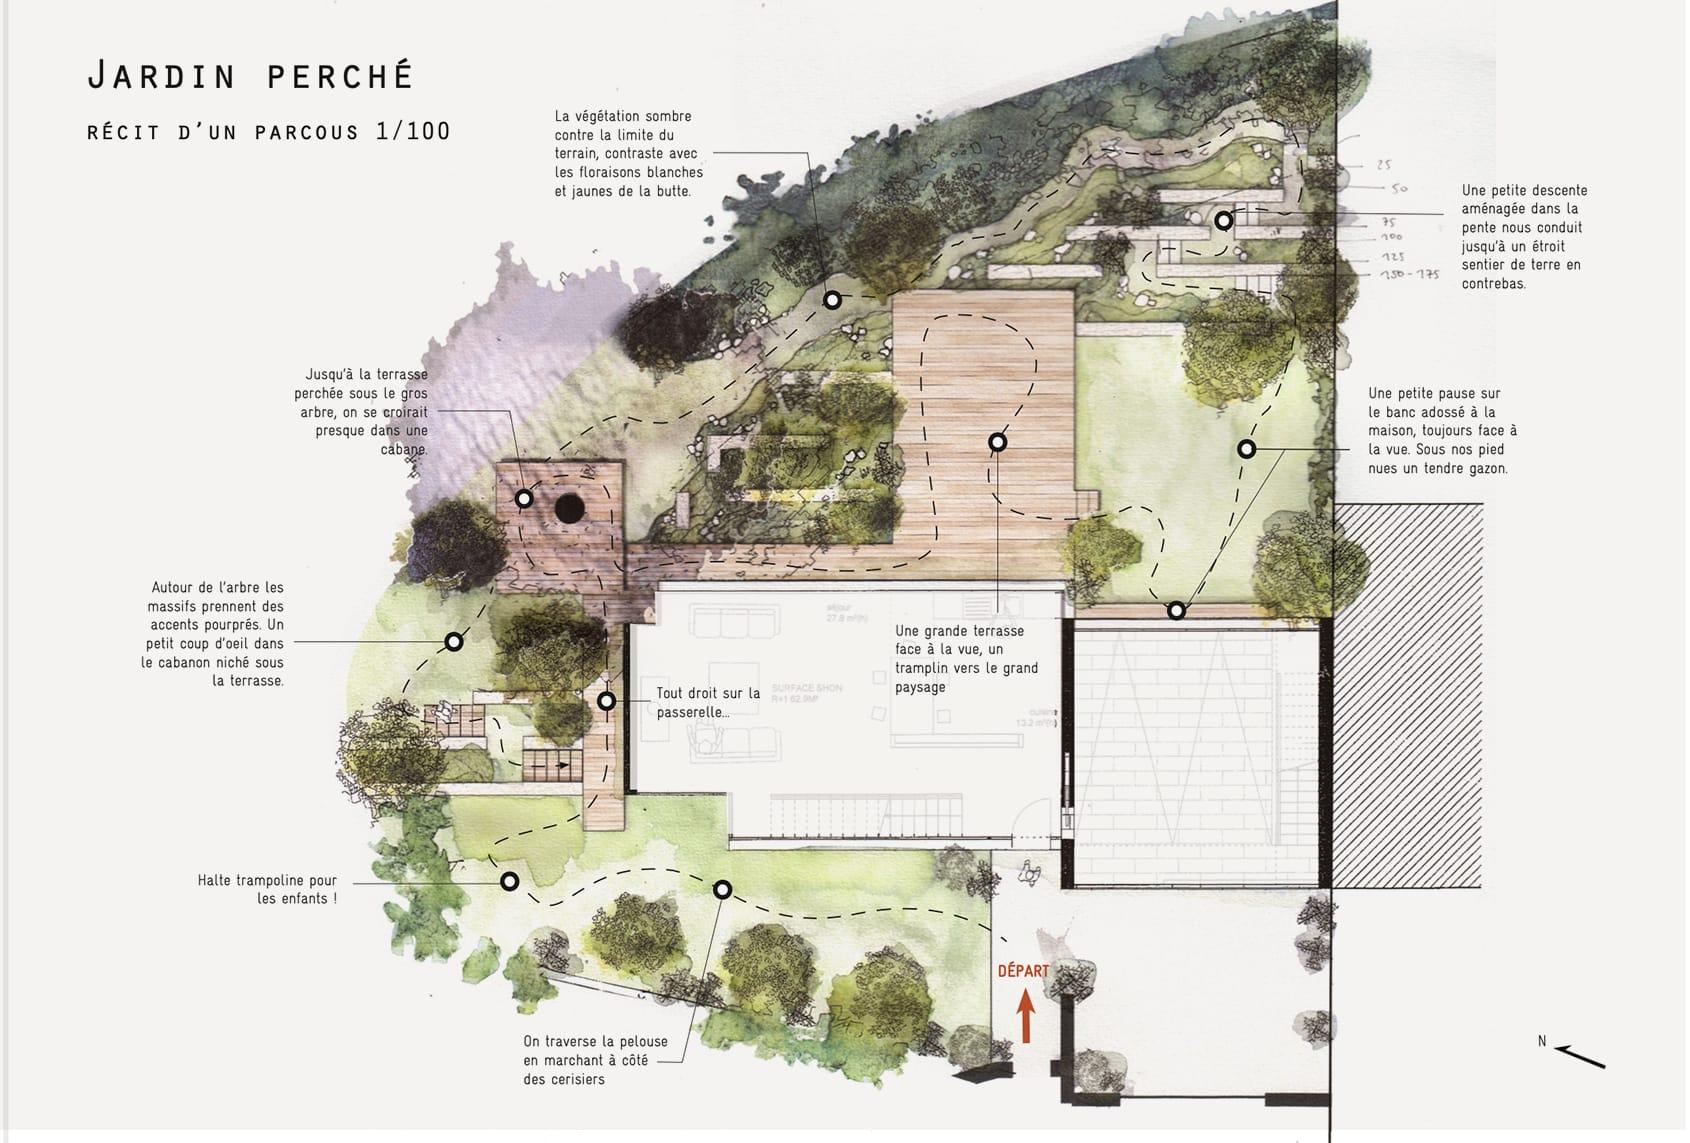 04_Nordscape_plan-esquisse-jardin